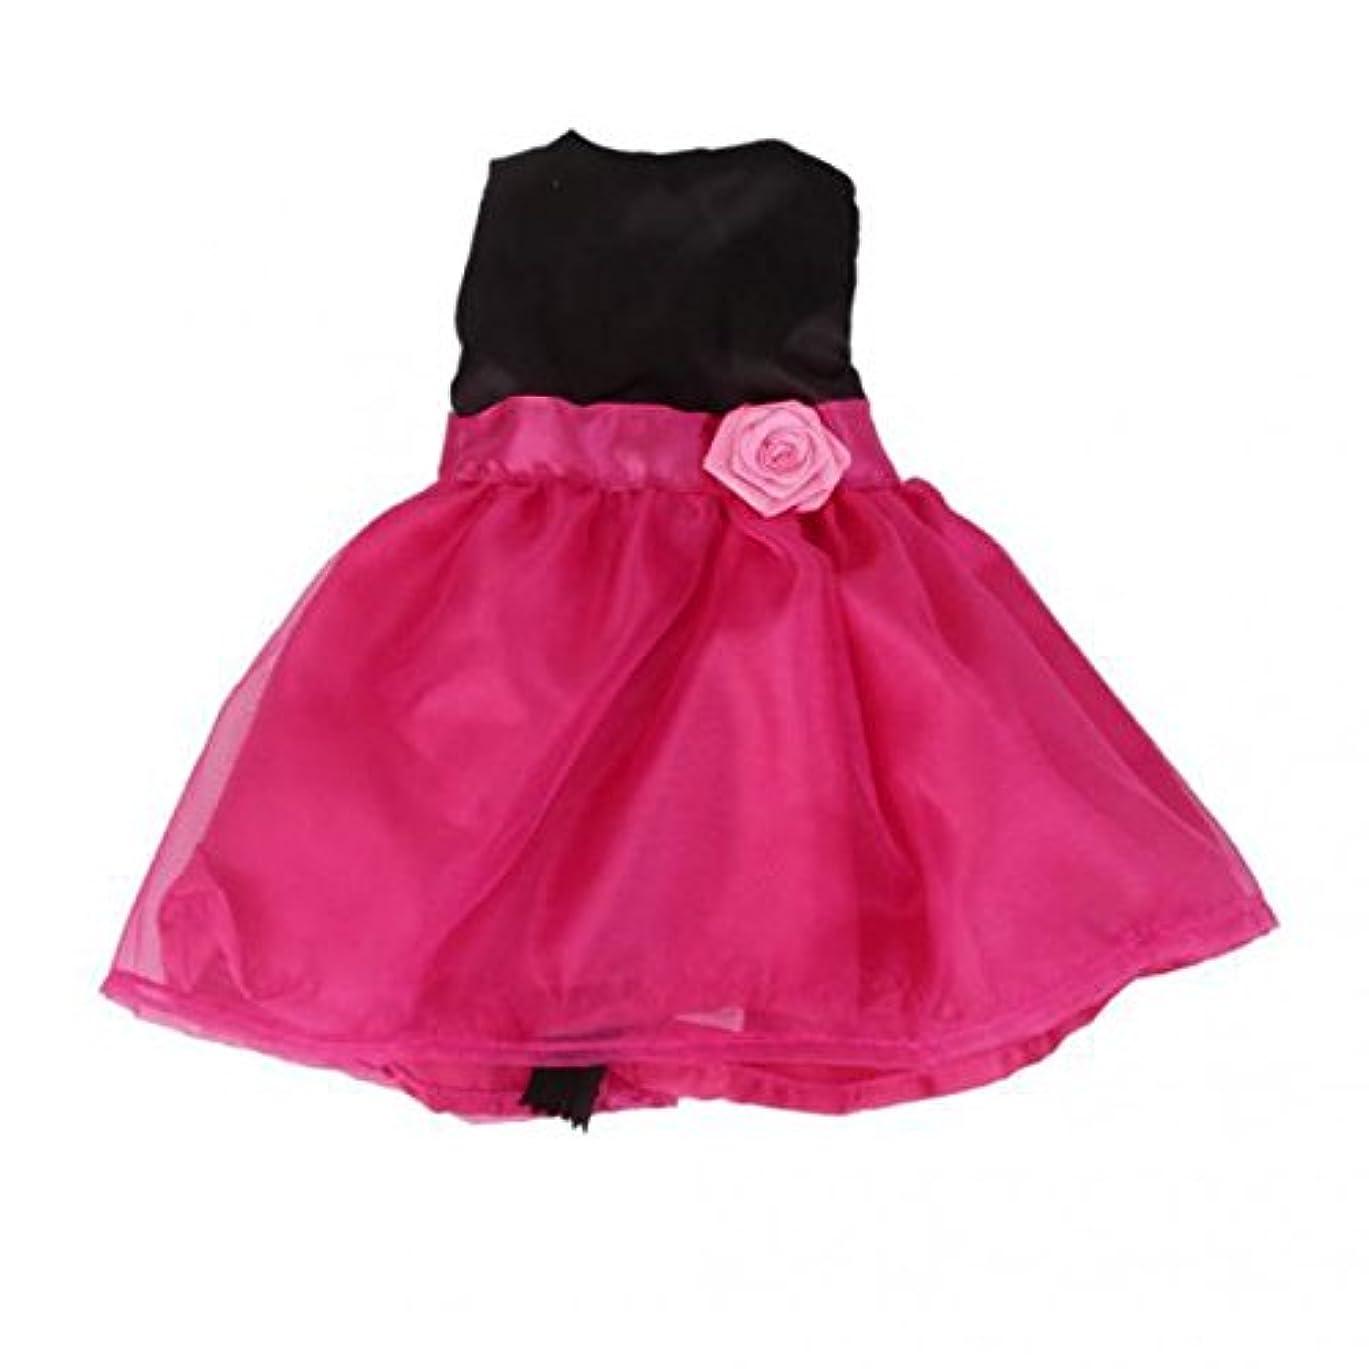 せっかちダウンタウンとは異なり2件 18インチ アメリカンガール人形用 ふわふわ ベルト付き ドレス 飾り 黒とレッド